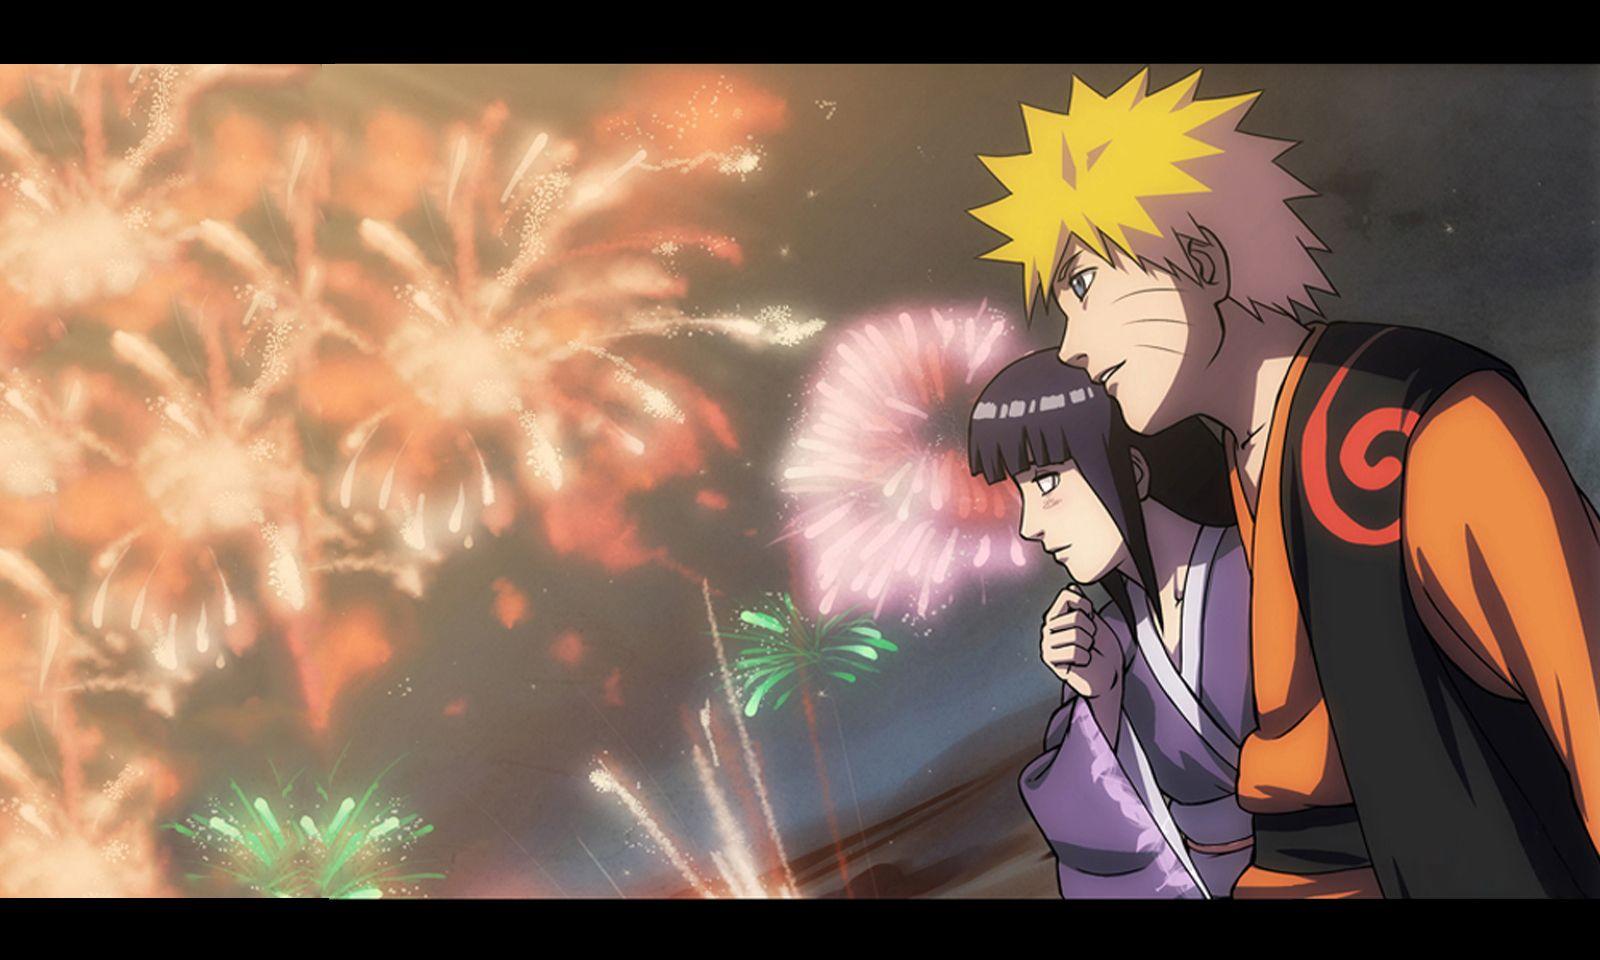 Anime Naruto Hinata Hyuga Naruto Uzumaki Wallpaper Liked